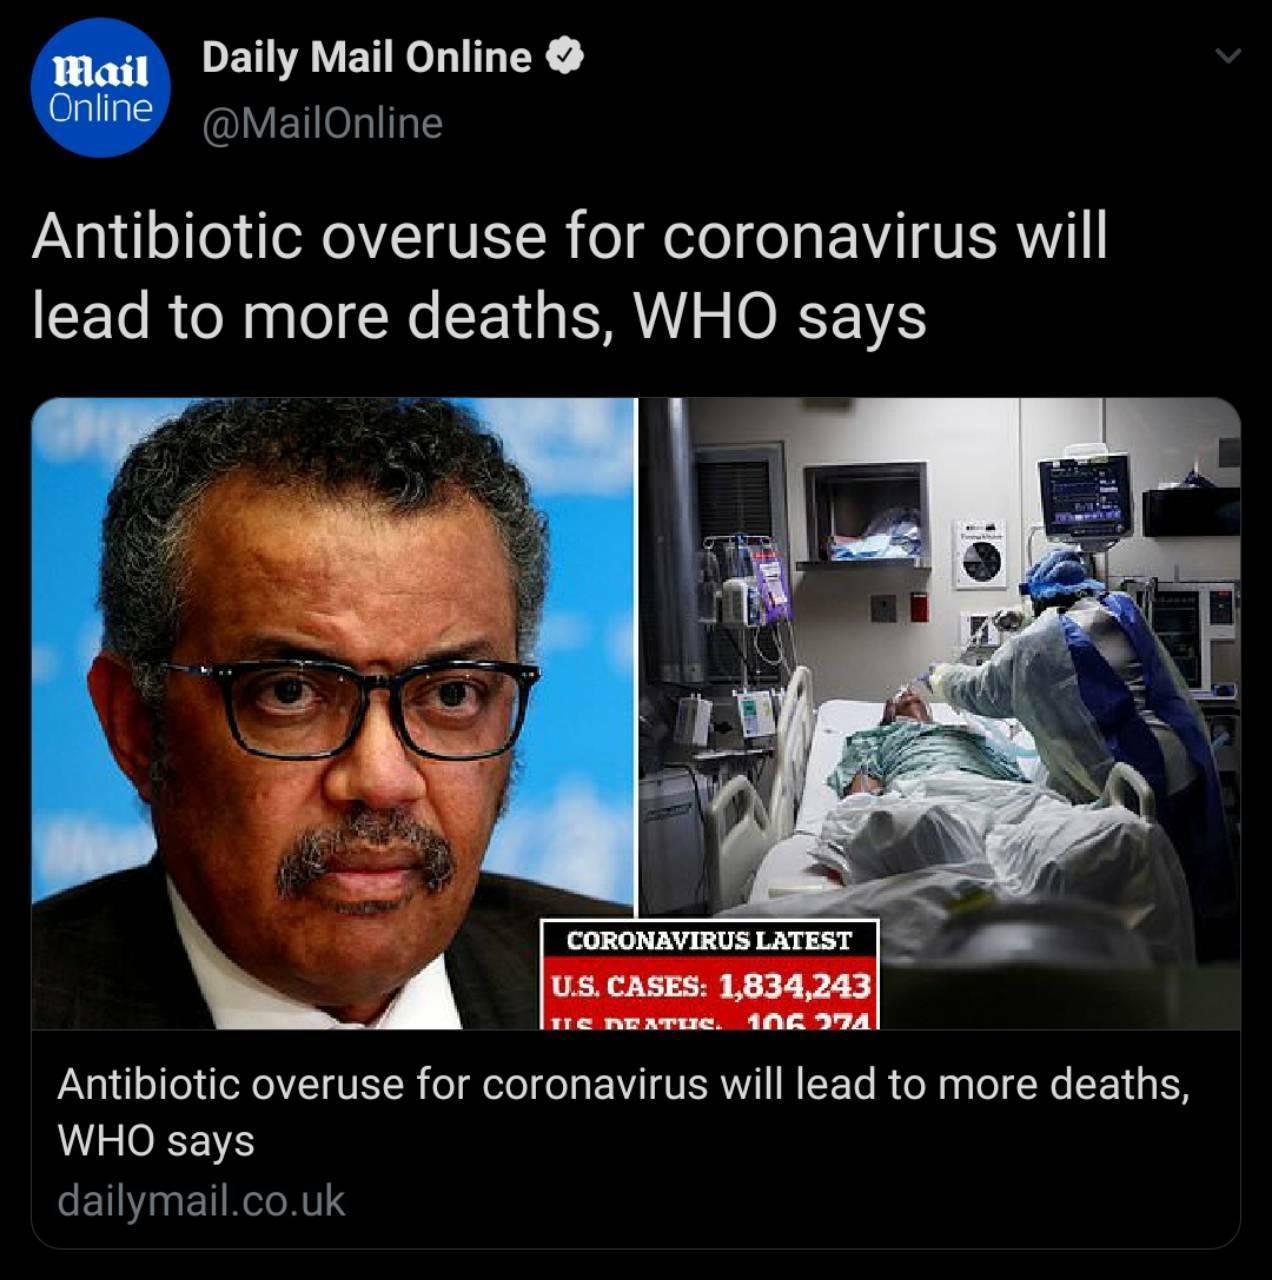 استفاده بیش از اندازه آنتی بیوتیک موجب مرگ بیماران کرونایی میشود